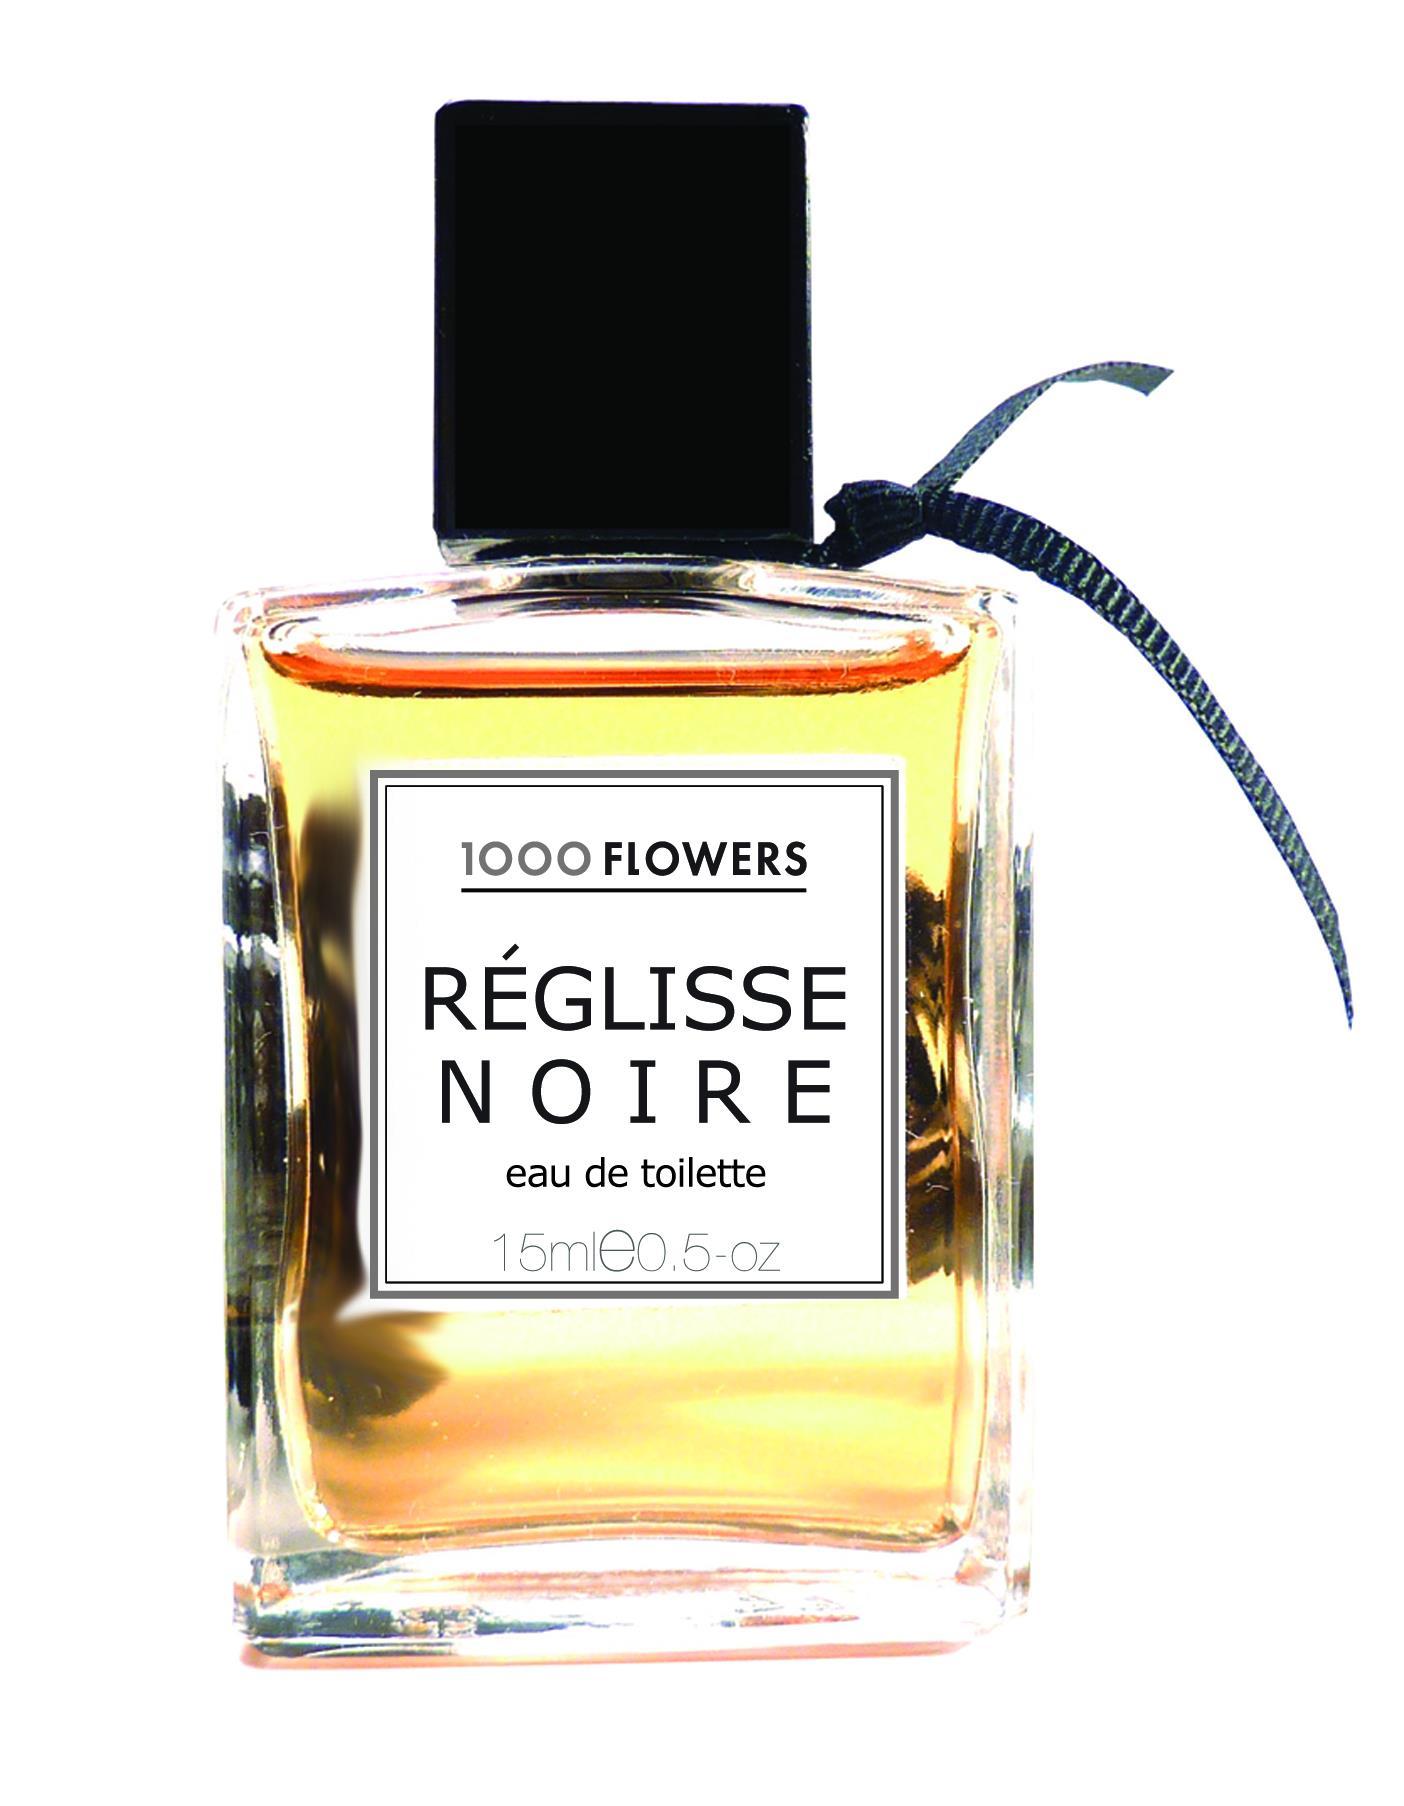 1000 Flowers Perfume Posse